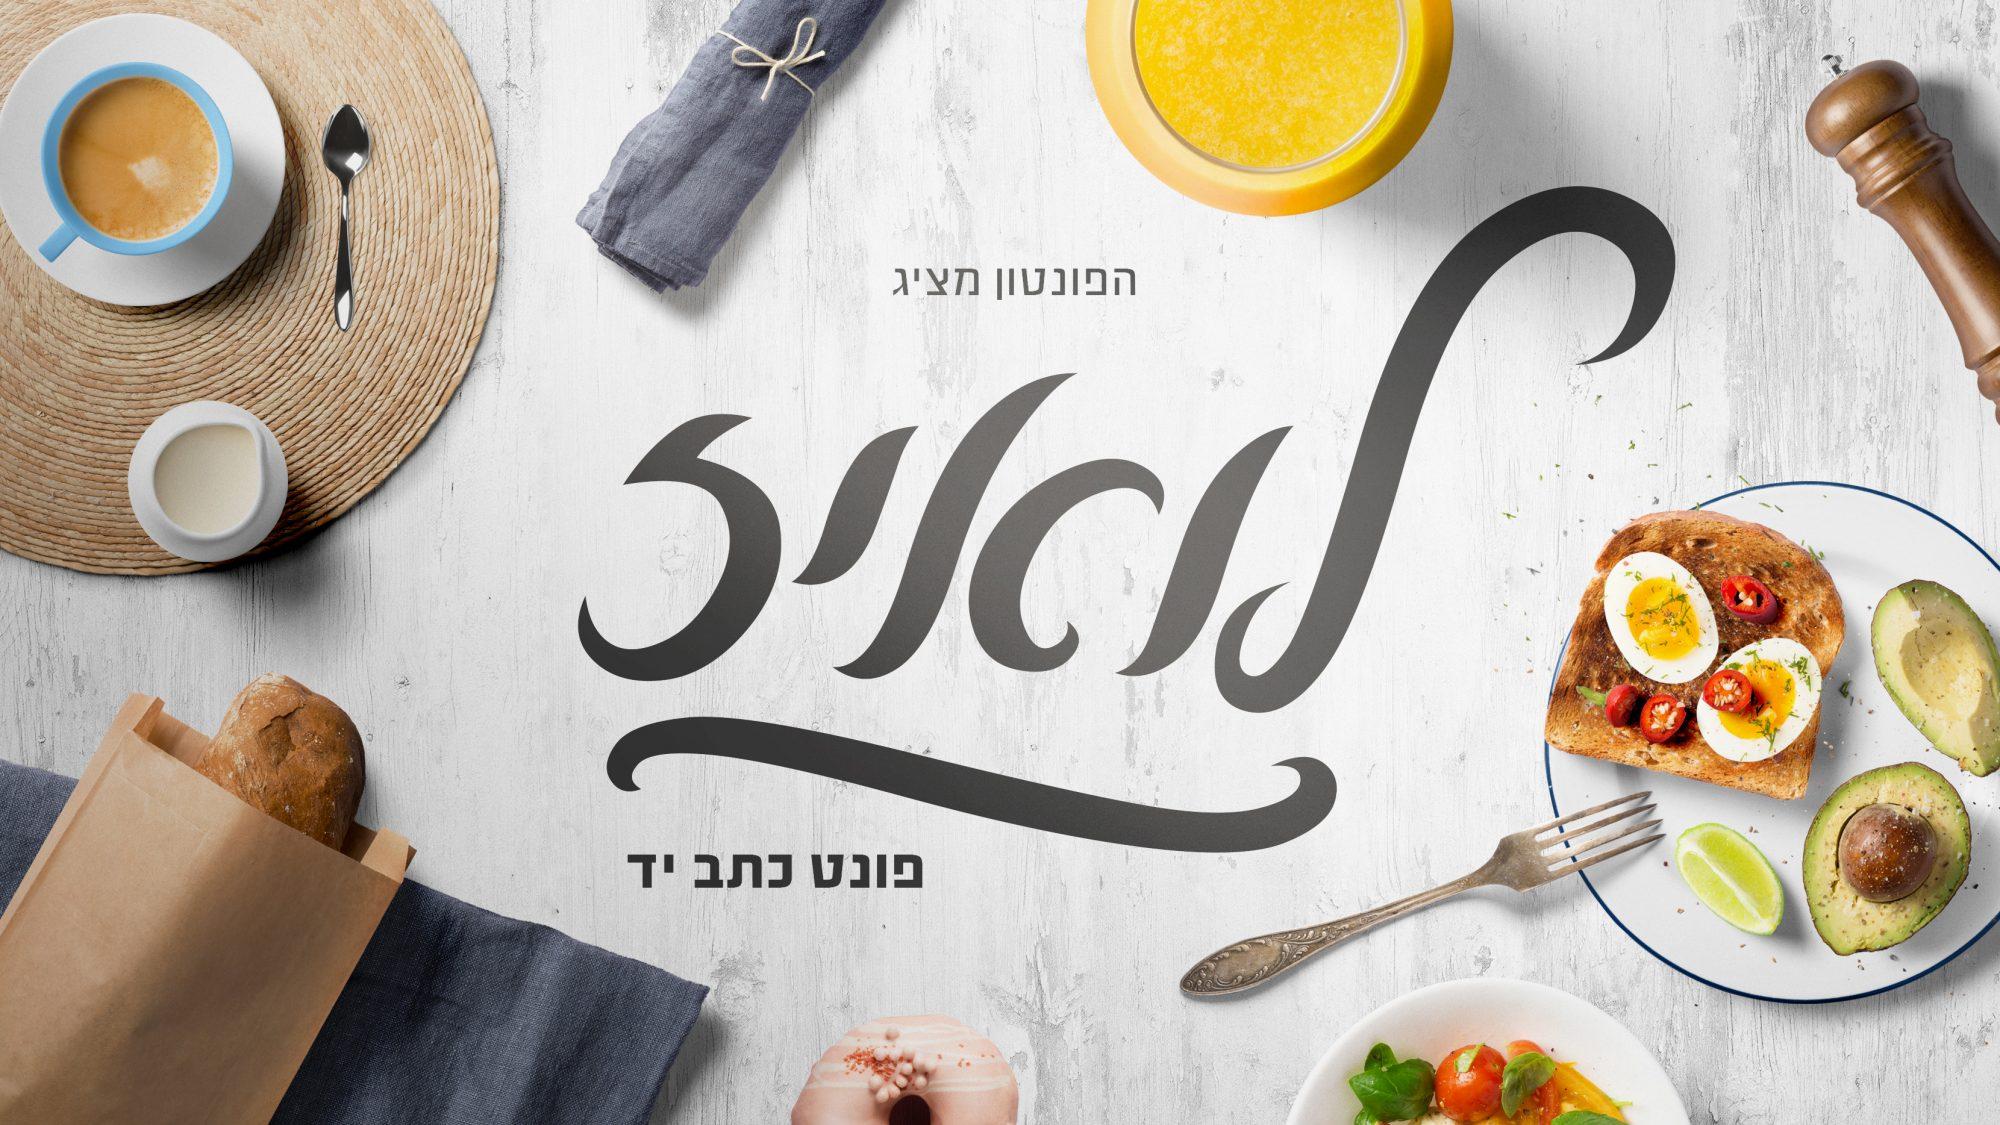 הפונטון מציג – לואיז – פונט כתב יד בעברית